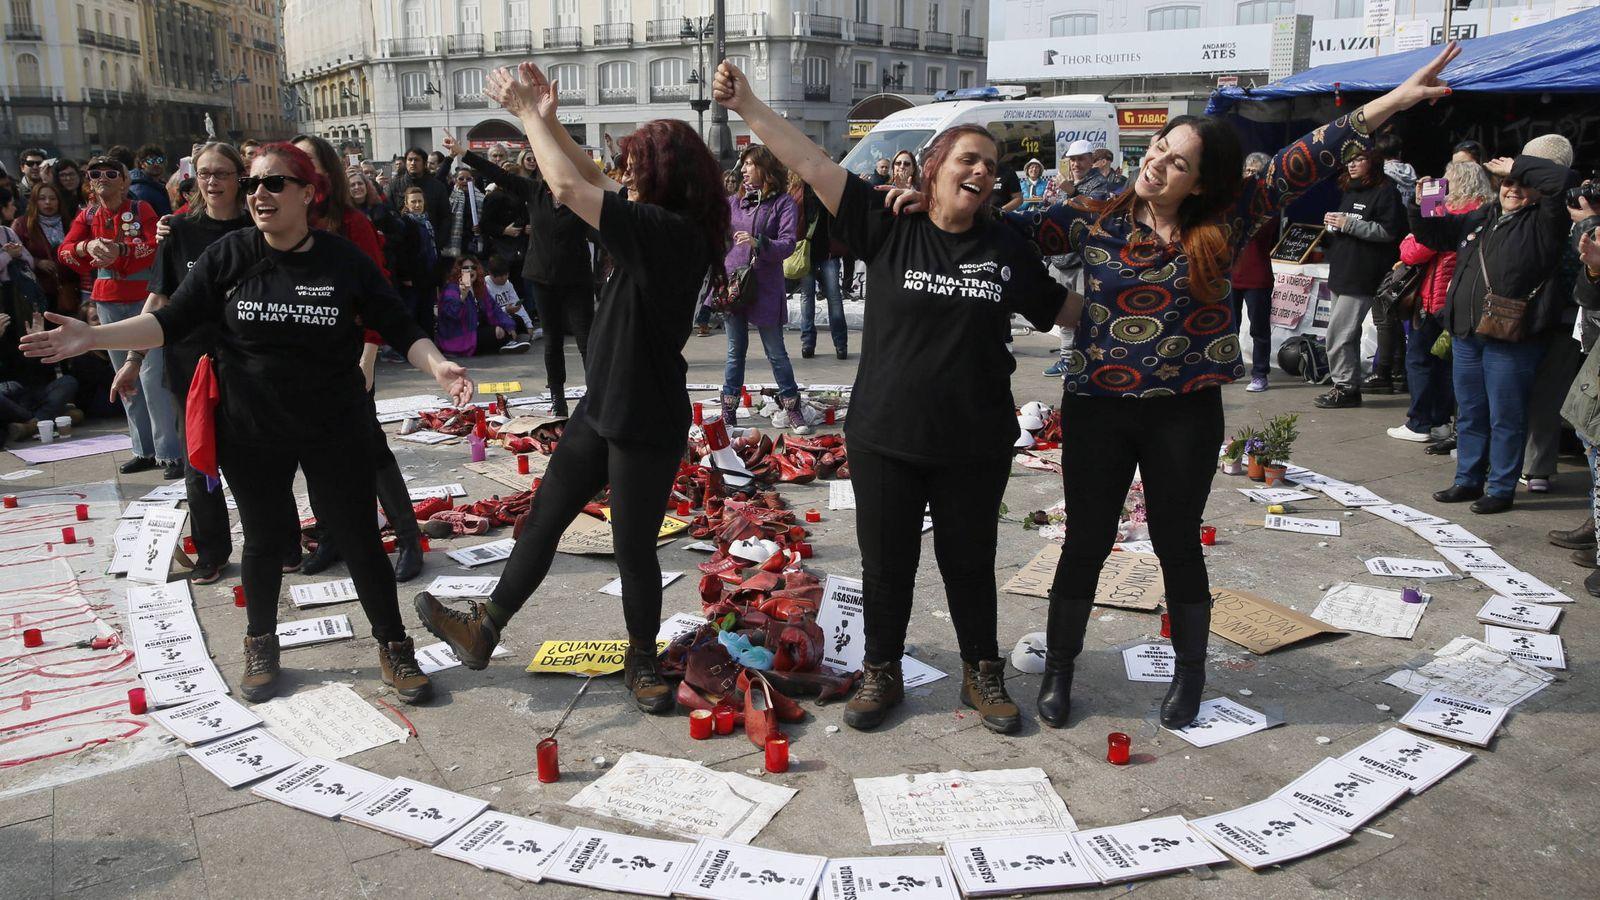 Foto: Imagen de las mujeres en huelga de hambre en la Puerta del Sol. (EFE)